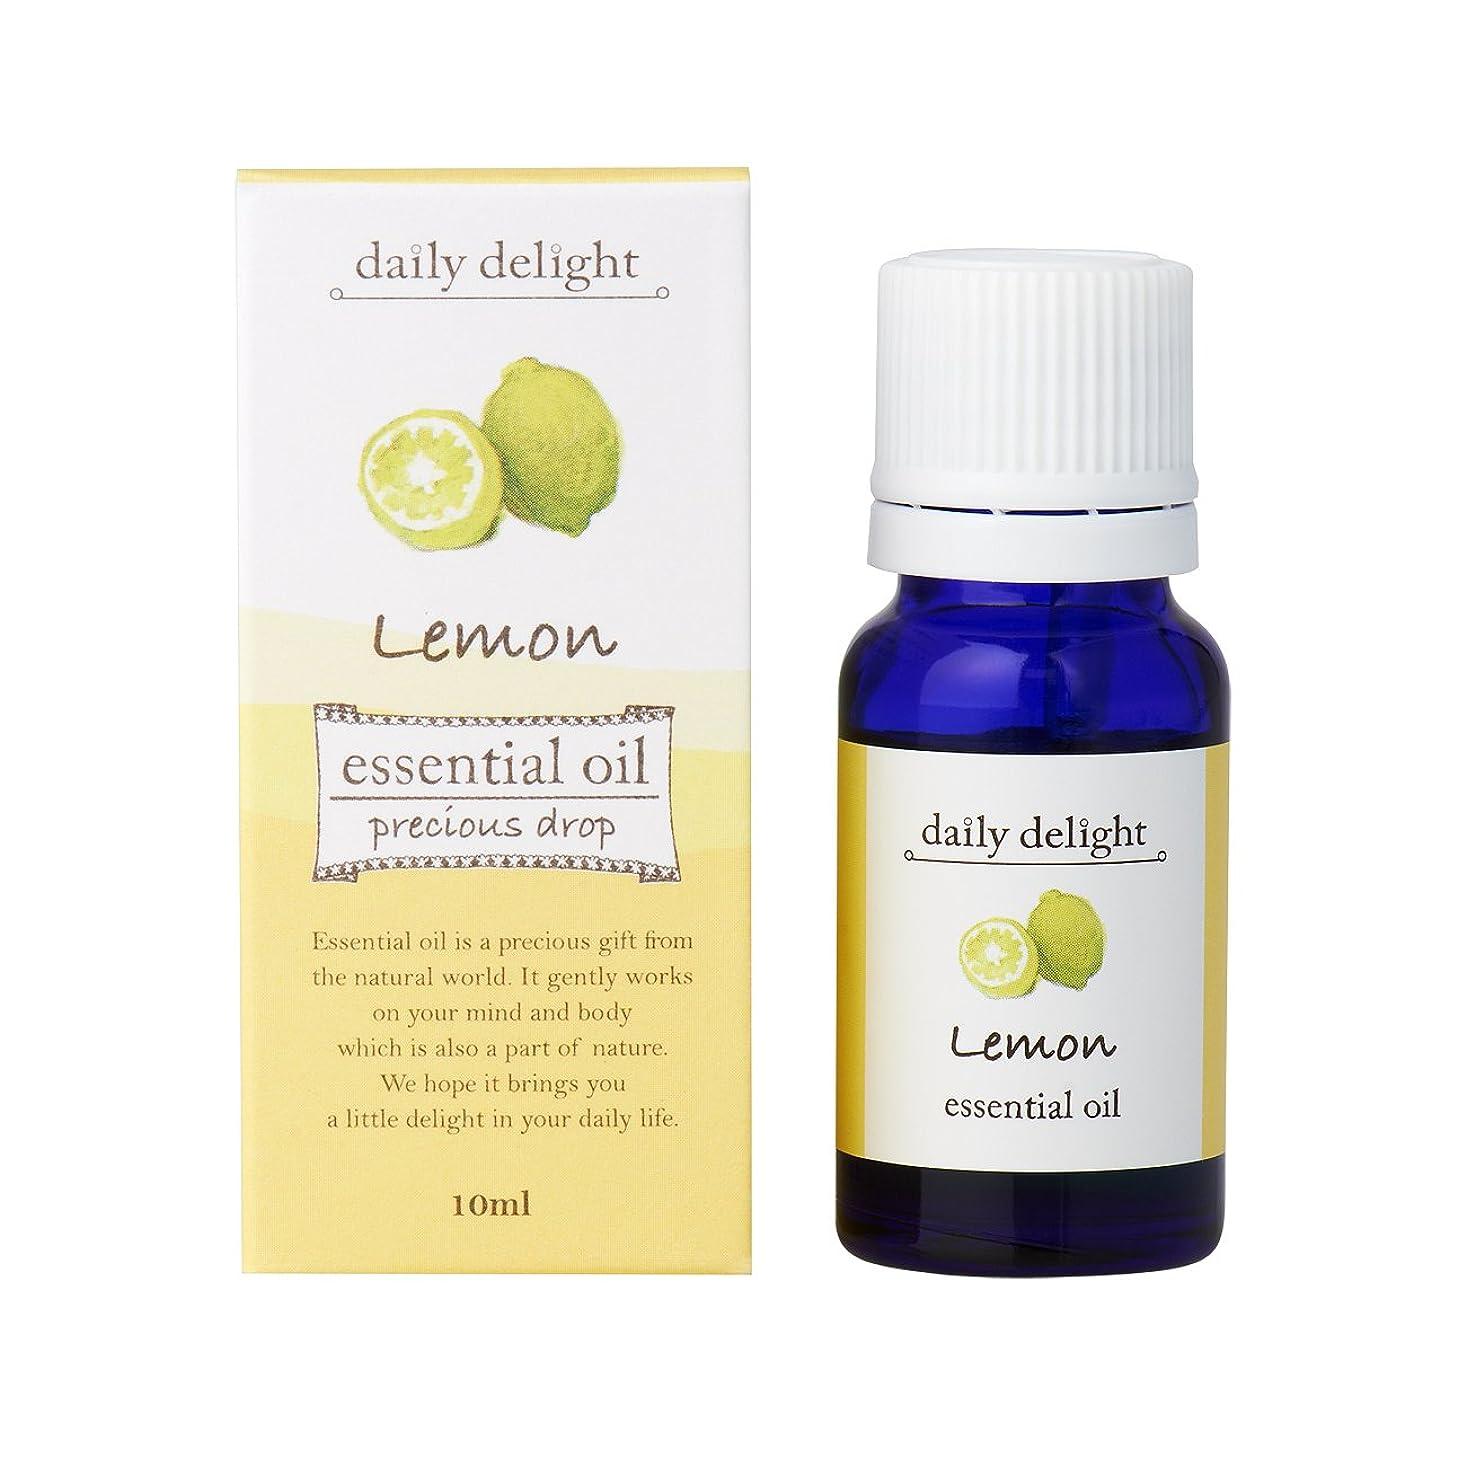 インキュバスリズムより多いデイリーディライト エッセンシャルオイル  レモン 10ml(天然100% 精油 アロマ 柑橘系 さっぱりして気分転換におすすめの香り)